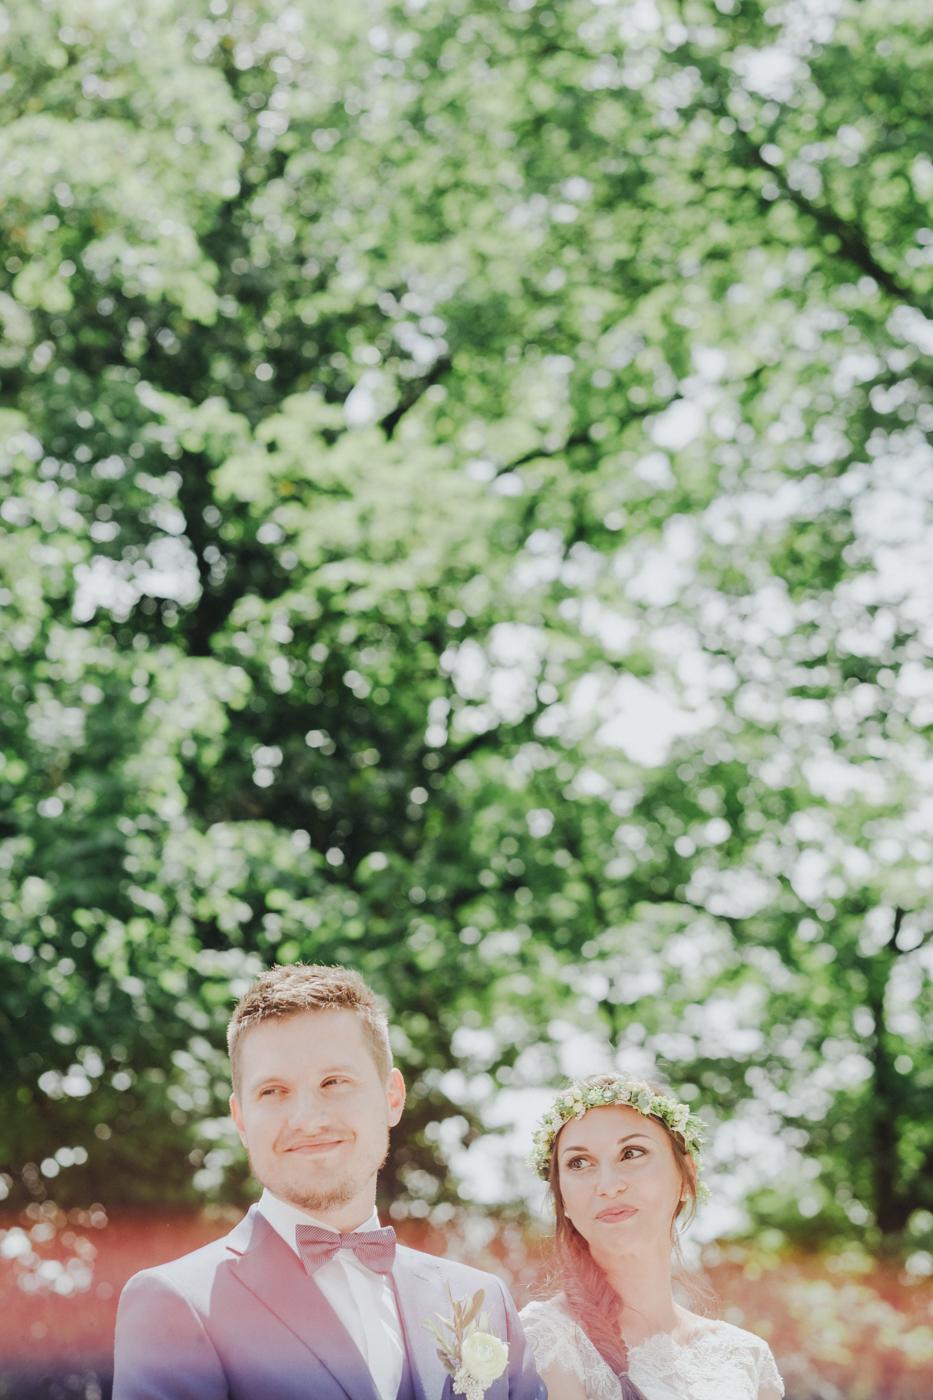 fotografo matrimonio como-45.jpg